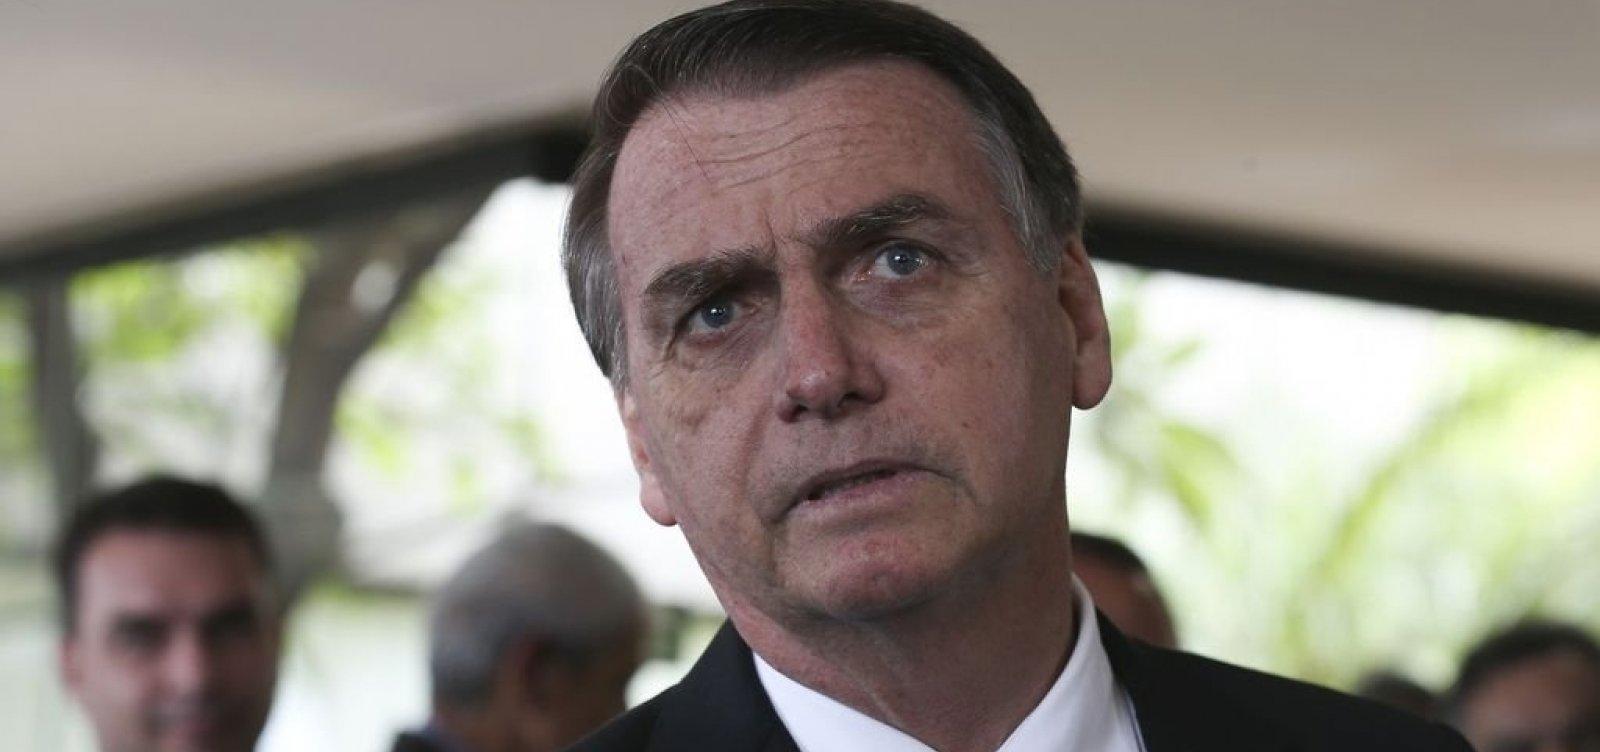 [Bolsonaro diz que soberania e leis do Brasil devem ser respeitadas]